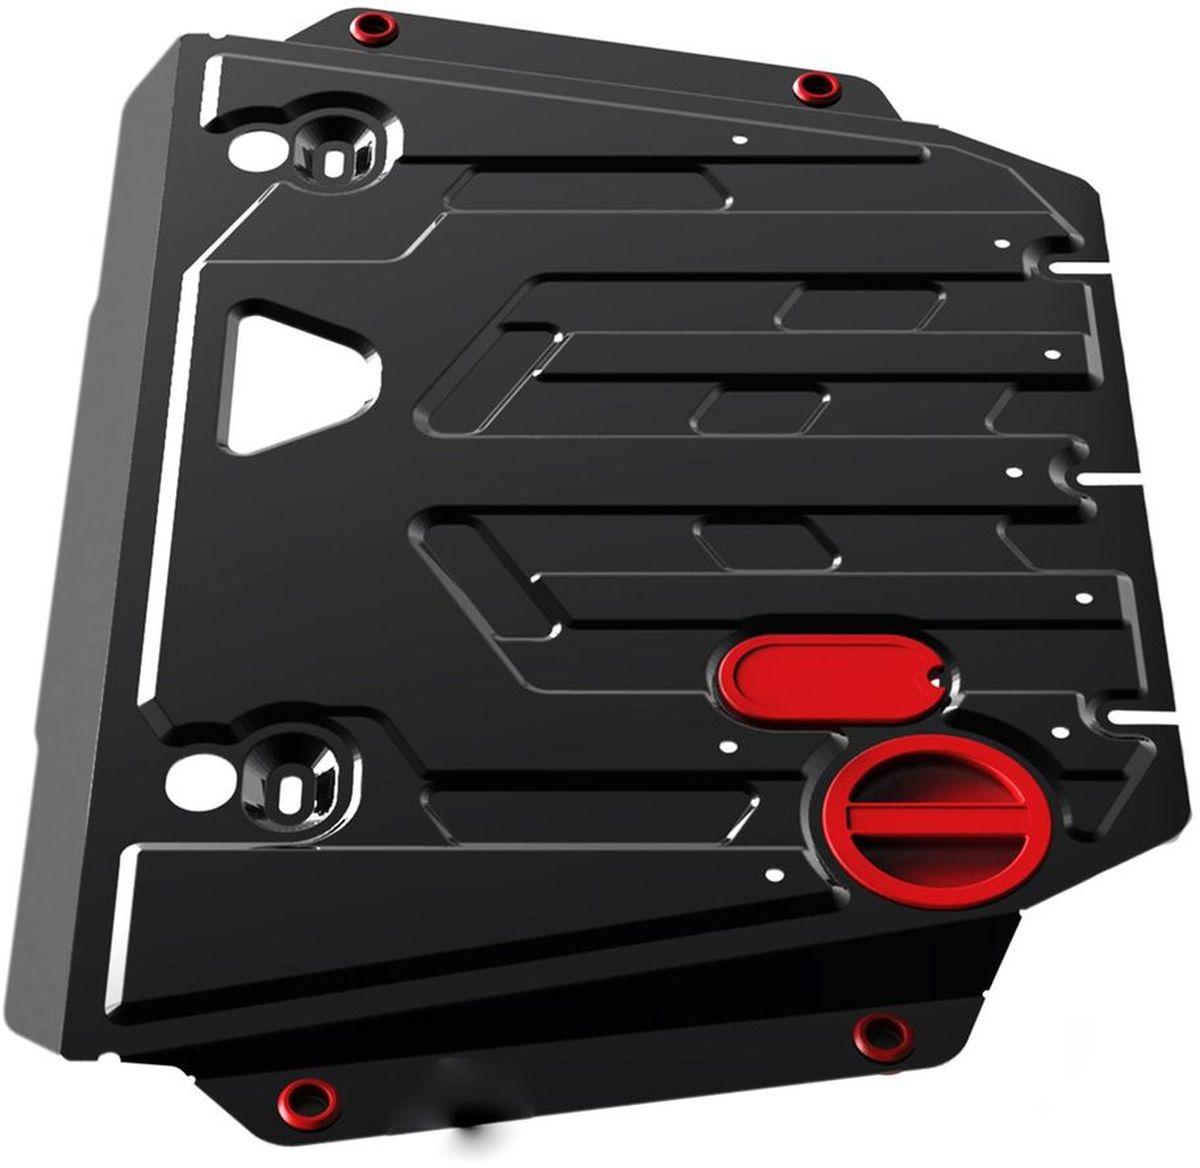 Защита картера и КПП Автоброня, для Ford Ecosport, V - 1,6; 2,0 (2014-)MW-3101Технологически совершенный продукт за невысокую стоимость.Защита разработана с учетом особенностей днища автомобиля, что позволяет сохранить дорожный просвет с минимальным изменением.Защита устанавливается в штатные места кузова автомобиля. Глубокий штамп обеспечивает до двух раз больше жесткости в сравнении с обычной защитой той же толщины. Проштампованные ребра жесткости препятствуют деформации защиты при ударах.Тепловой зазор и вентиляционные отверстия обеспечивают сохранение температурного режима двигателя в норме. Скрытый крепеж предотвращает срыв крепежных элементов при наезде на препятствие.Шумопоглощающие резиновые элементы обеспечивают комфортную езду без вибраций и скрежета металла, а съемные лючки для слива масла и замены фильтра - экономию средств и время.Конструкция изделия не влияет на пассивную безопасность автомобиля (при ударе защита не воздействует на деформационные зоны кузова). Со штатным крепежом. В комплекте инструкция по установке.Толщина стали: 2 мм.Уважаемые клиенты!Обращаем ваше внимание, что элемент защиты имеет форму, соответствующую модели данного автомобиля. Фото служит для визуального восприятия товара и может отличаться от фактического.